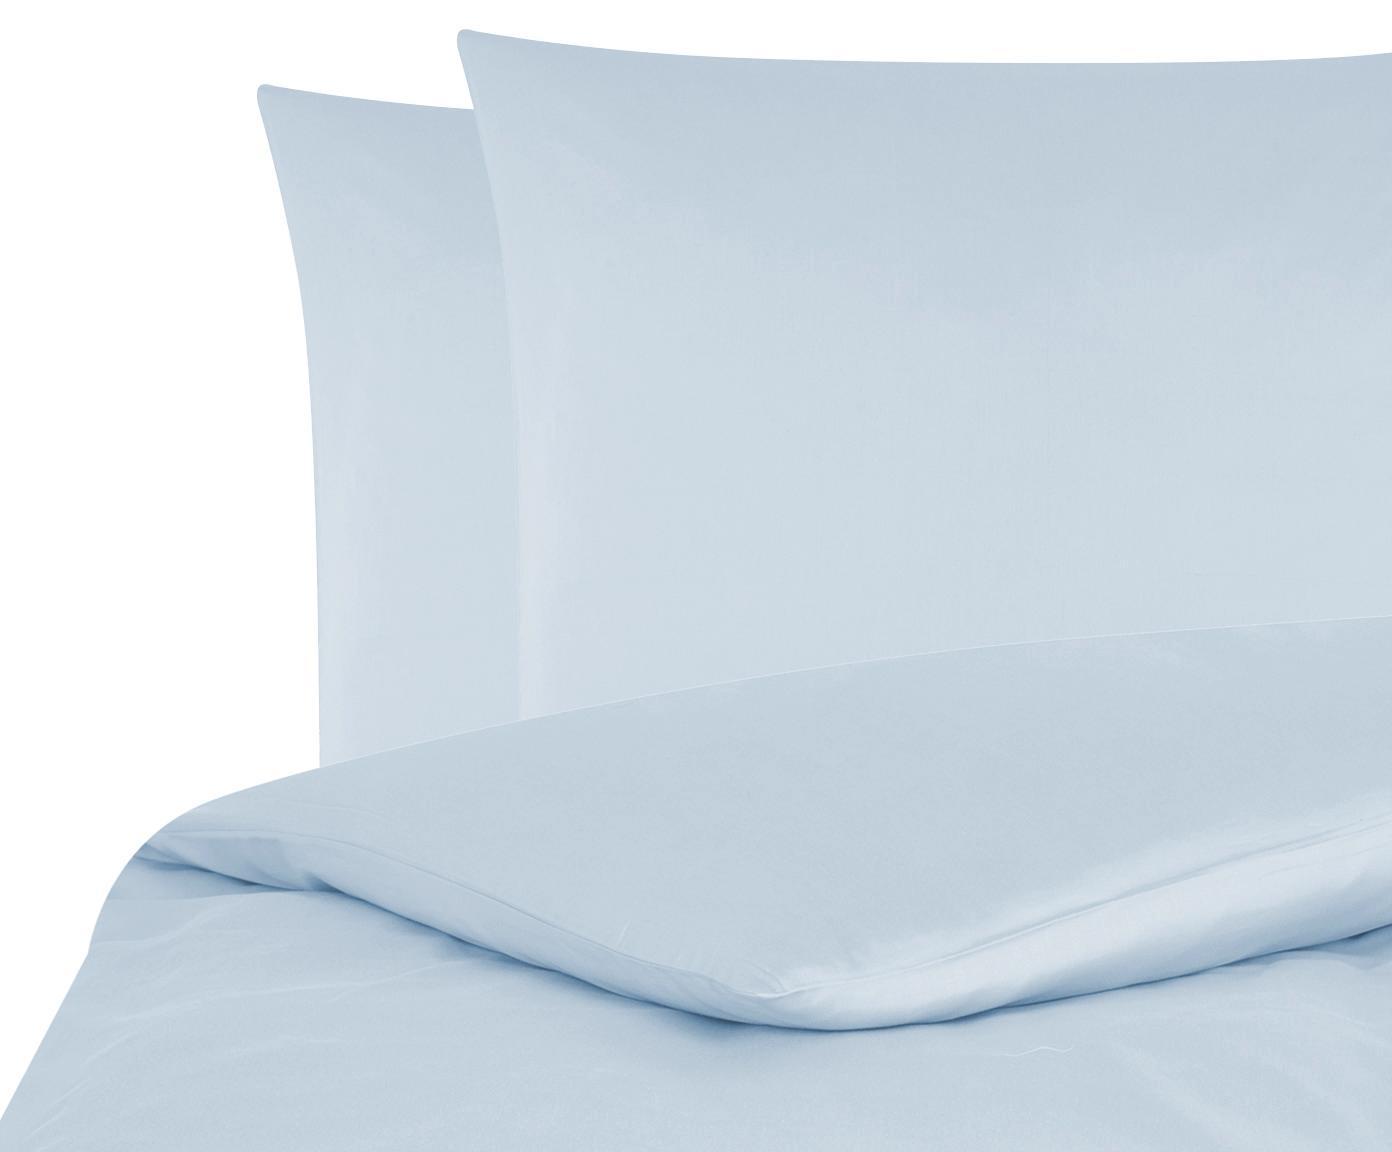 Baumwollsatin-Bettwäsche Comfort in Hellblau, Webart: Satin Fadendichte 250 TC,, Hellblau, 200 x 200 cm + 2 Kissen 80 x 80 cm